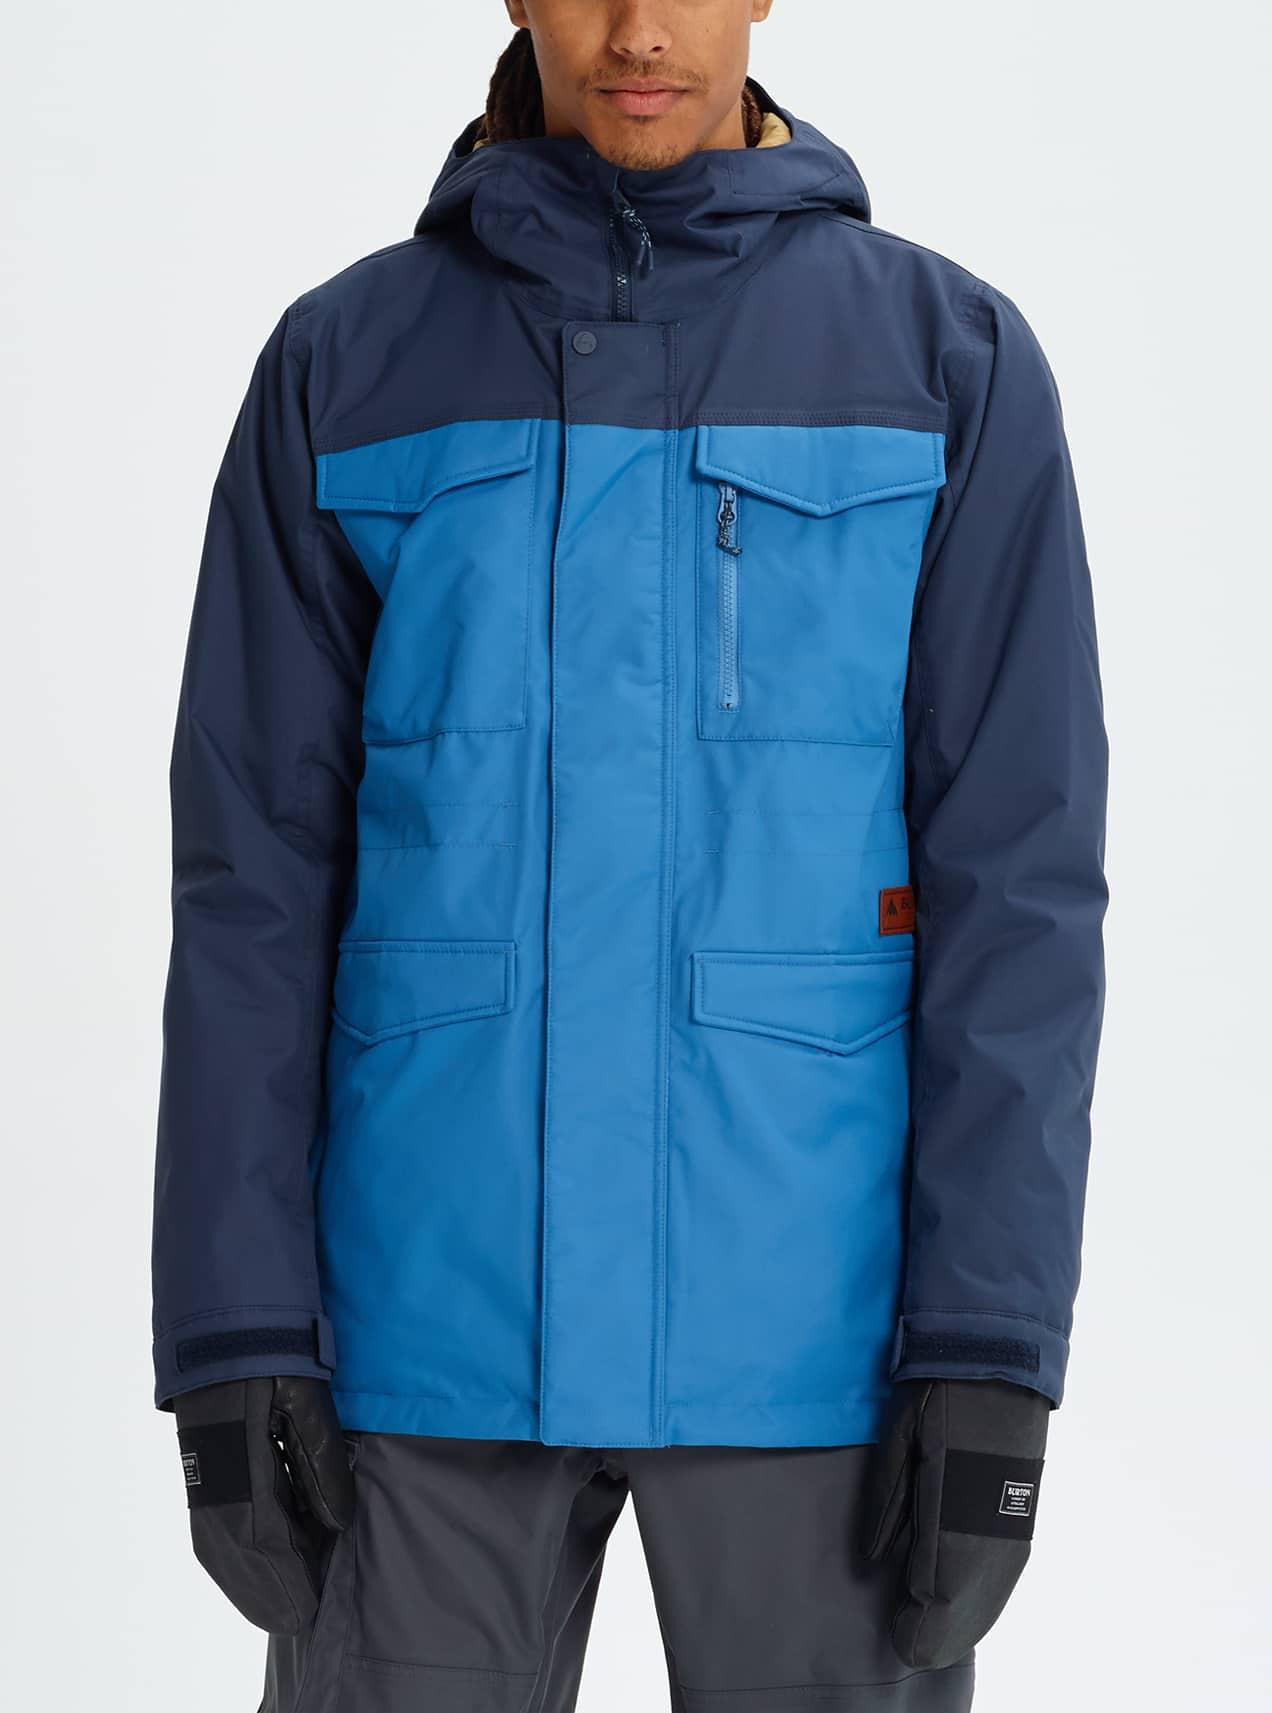 men s jackets outerwear burton snowboards rh burton com outerwear 3 taifun outerwear 3 taifun